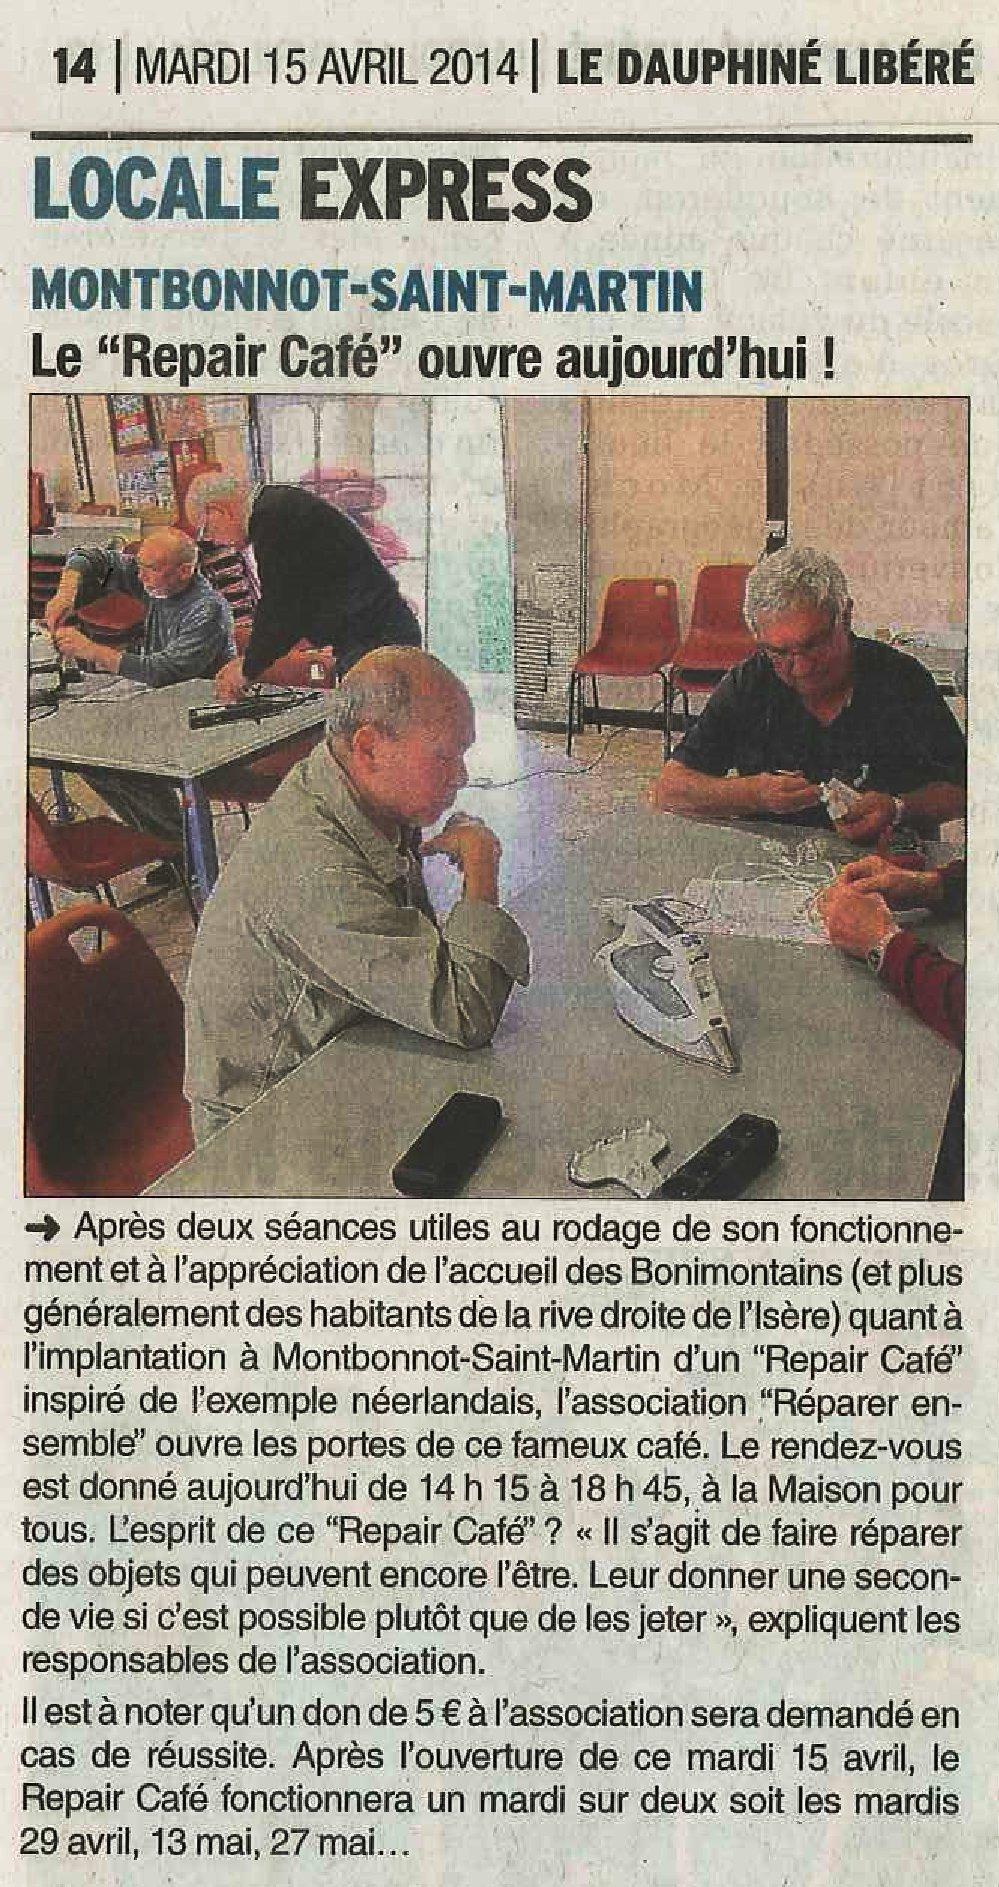 2014-04-15 Dauphiné Libéré